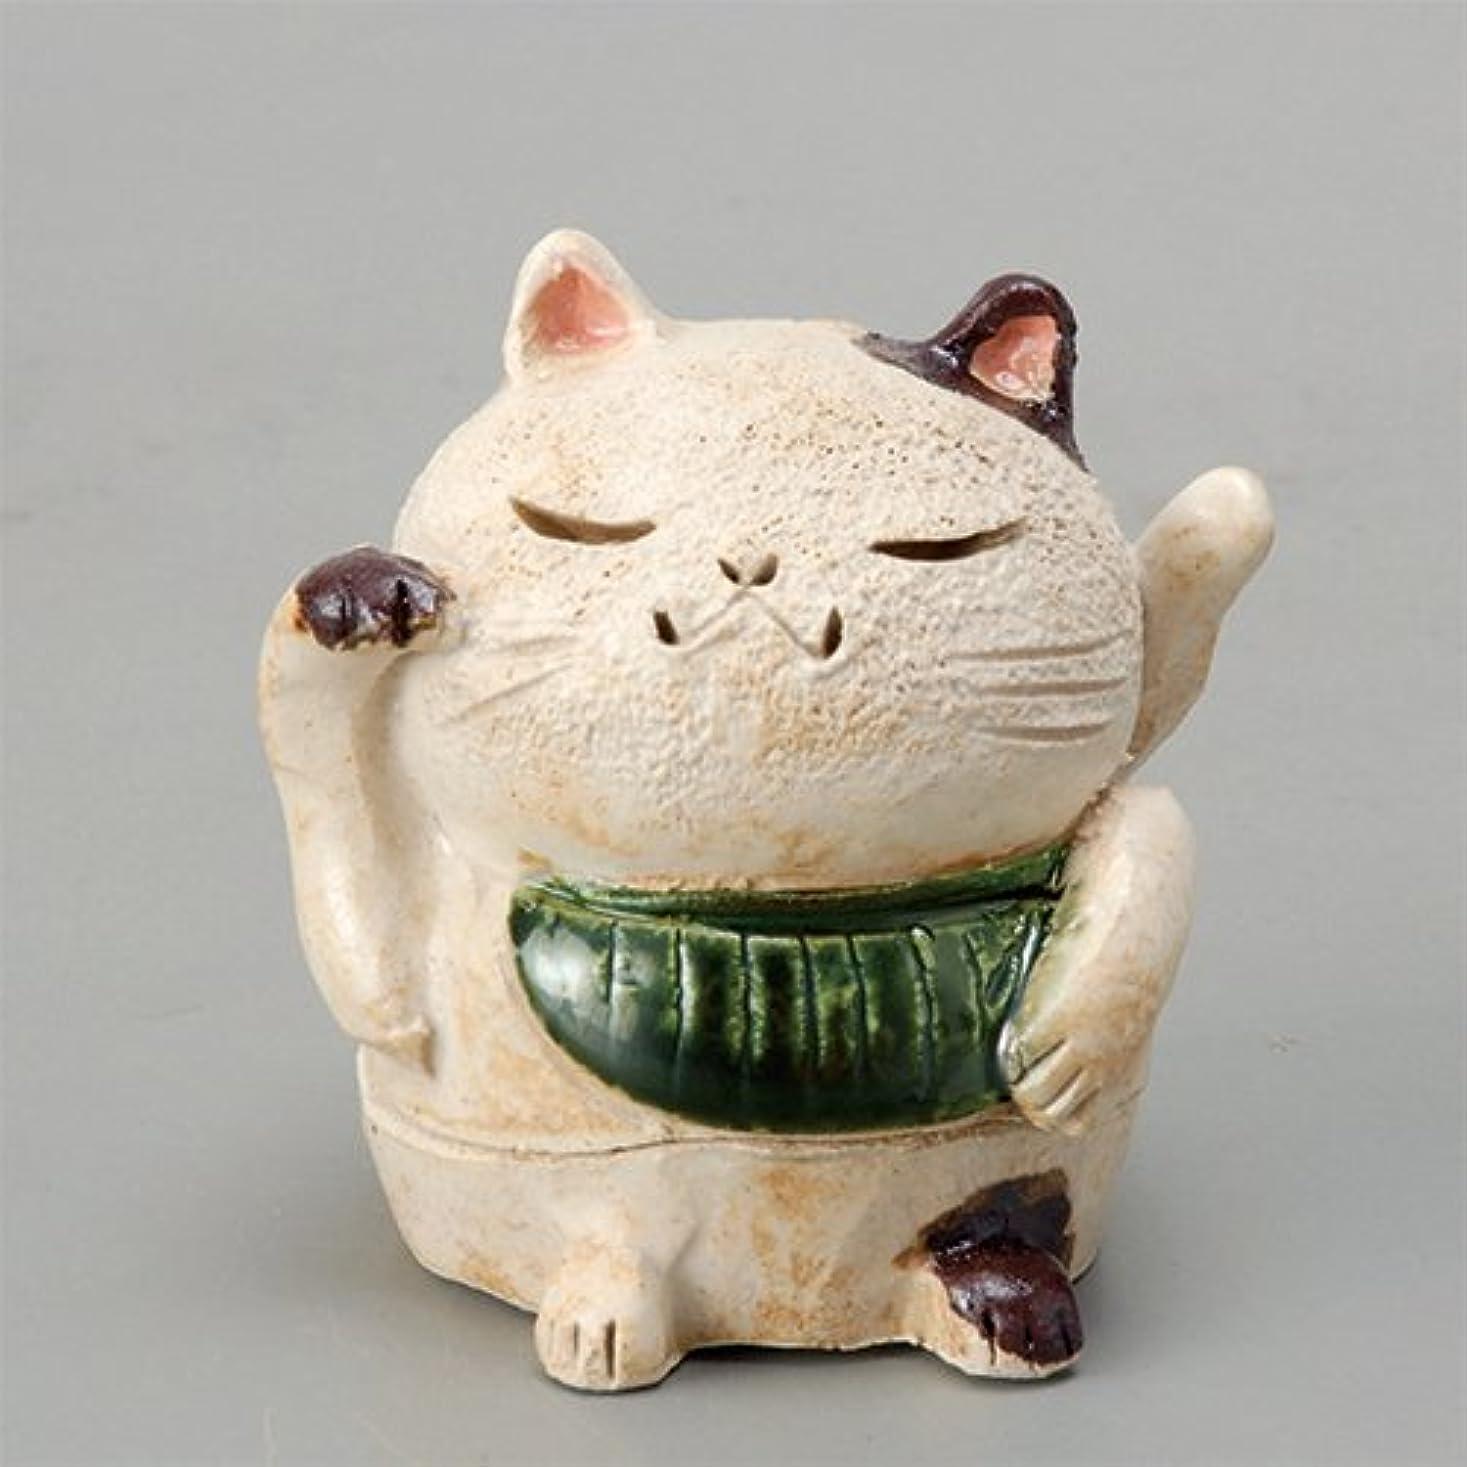 モニター怠感バラバラにする香炉 白萩 招き猫(お金)香炉(小) [H8cm] HANDMADE プレゼント ギフト 和食器 かわいい インテリア